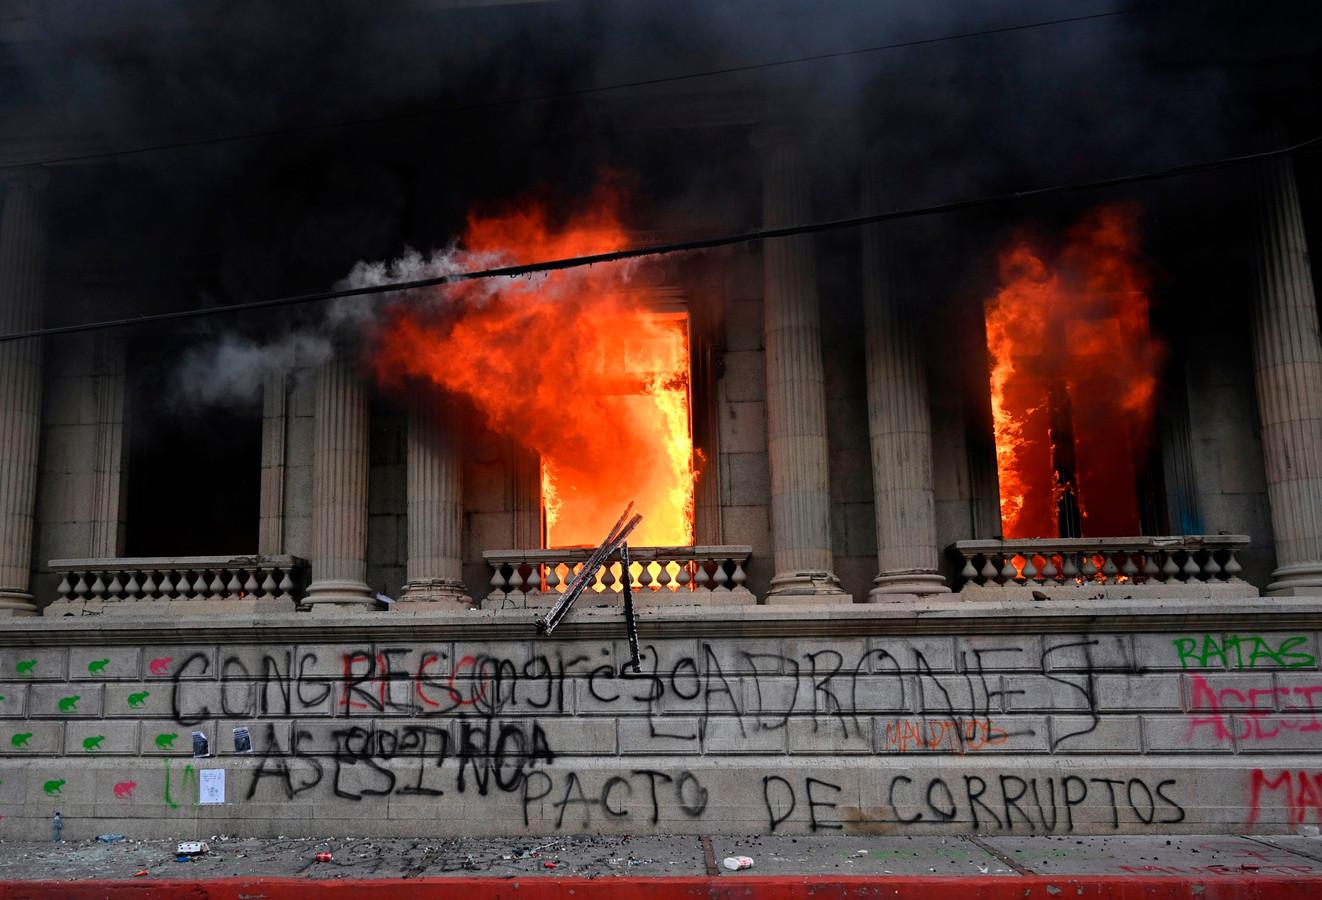 Vlammen slaan uit de gevel van het parlementsgebouw in Guatemala-Stad, de hoofdstad van het Midden-Amerikaanse Guatemala.